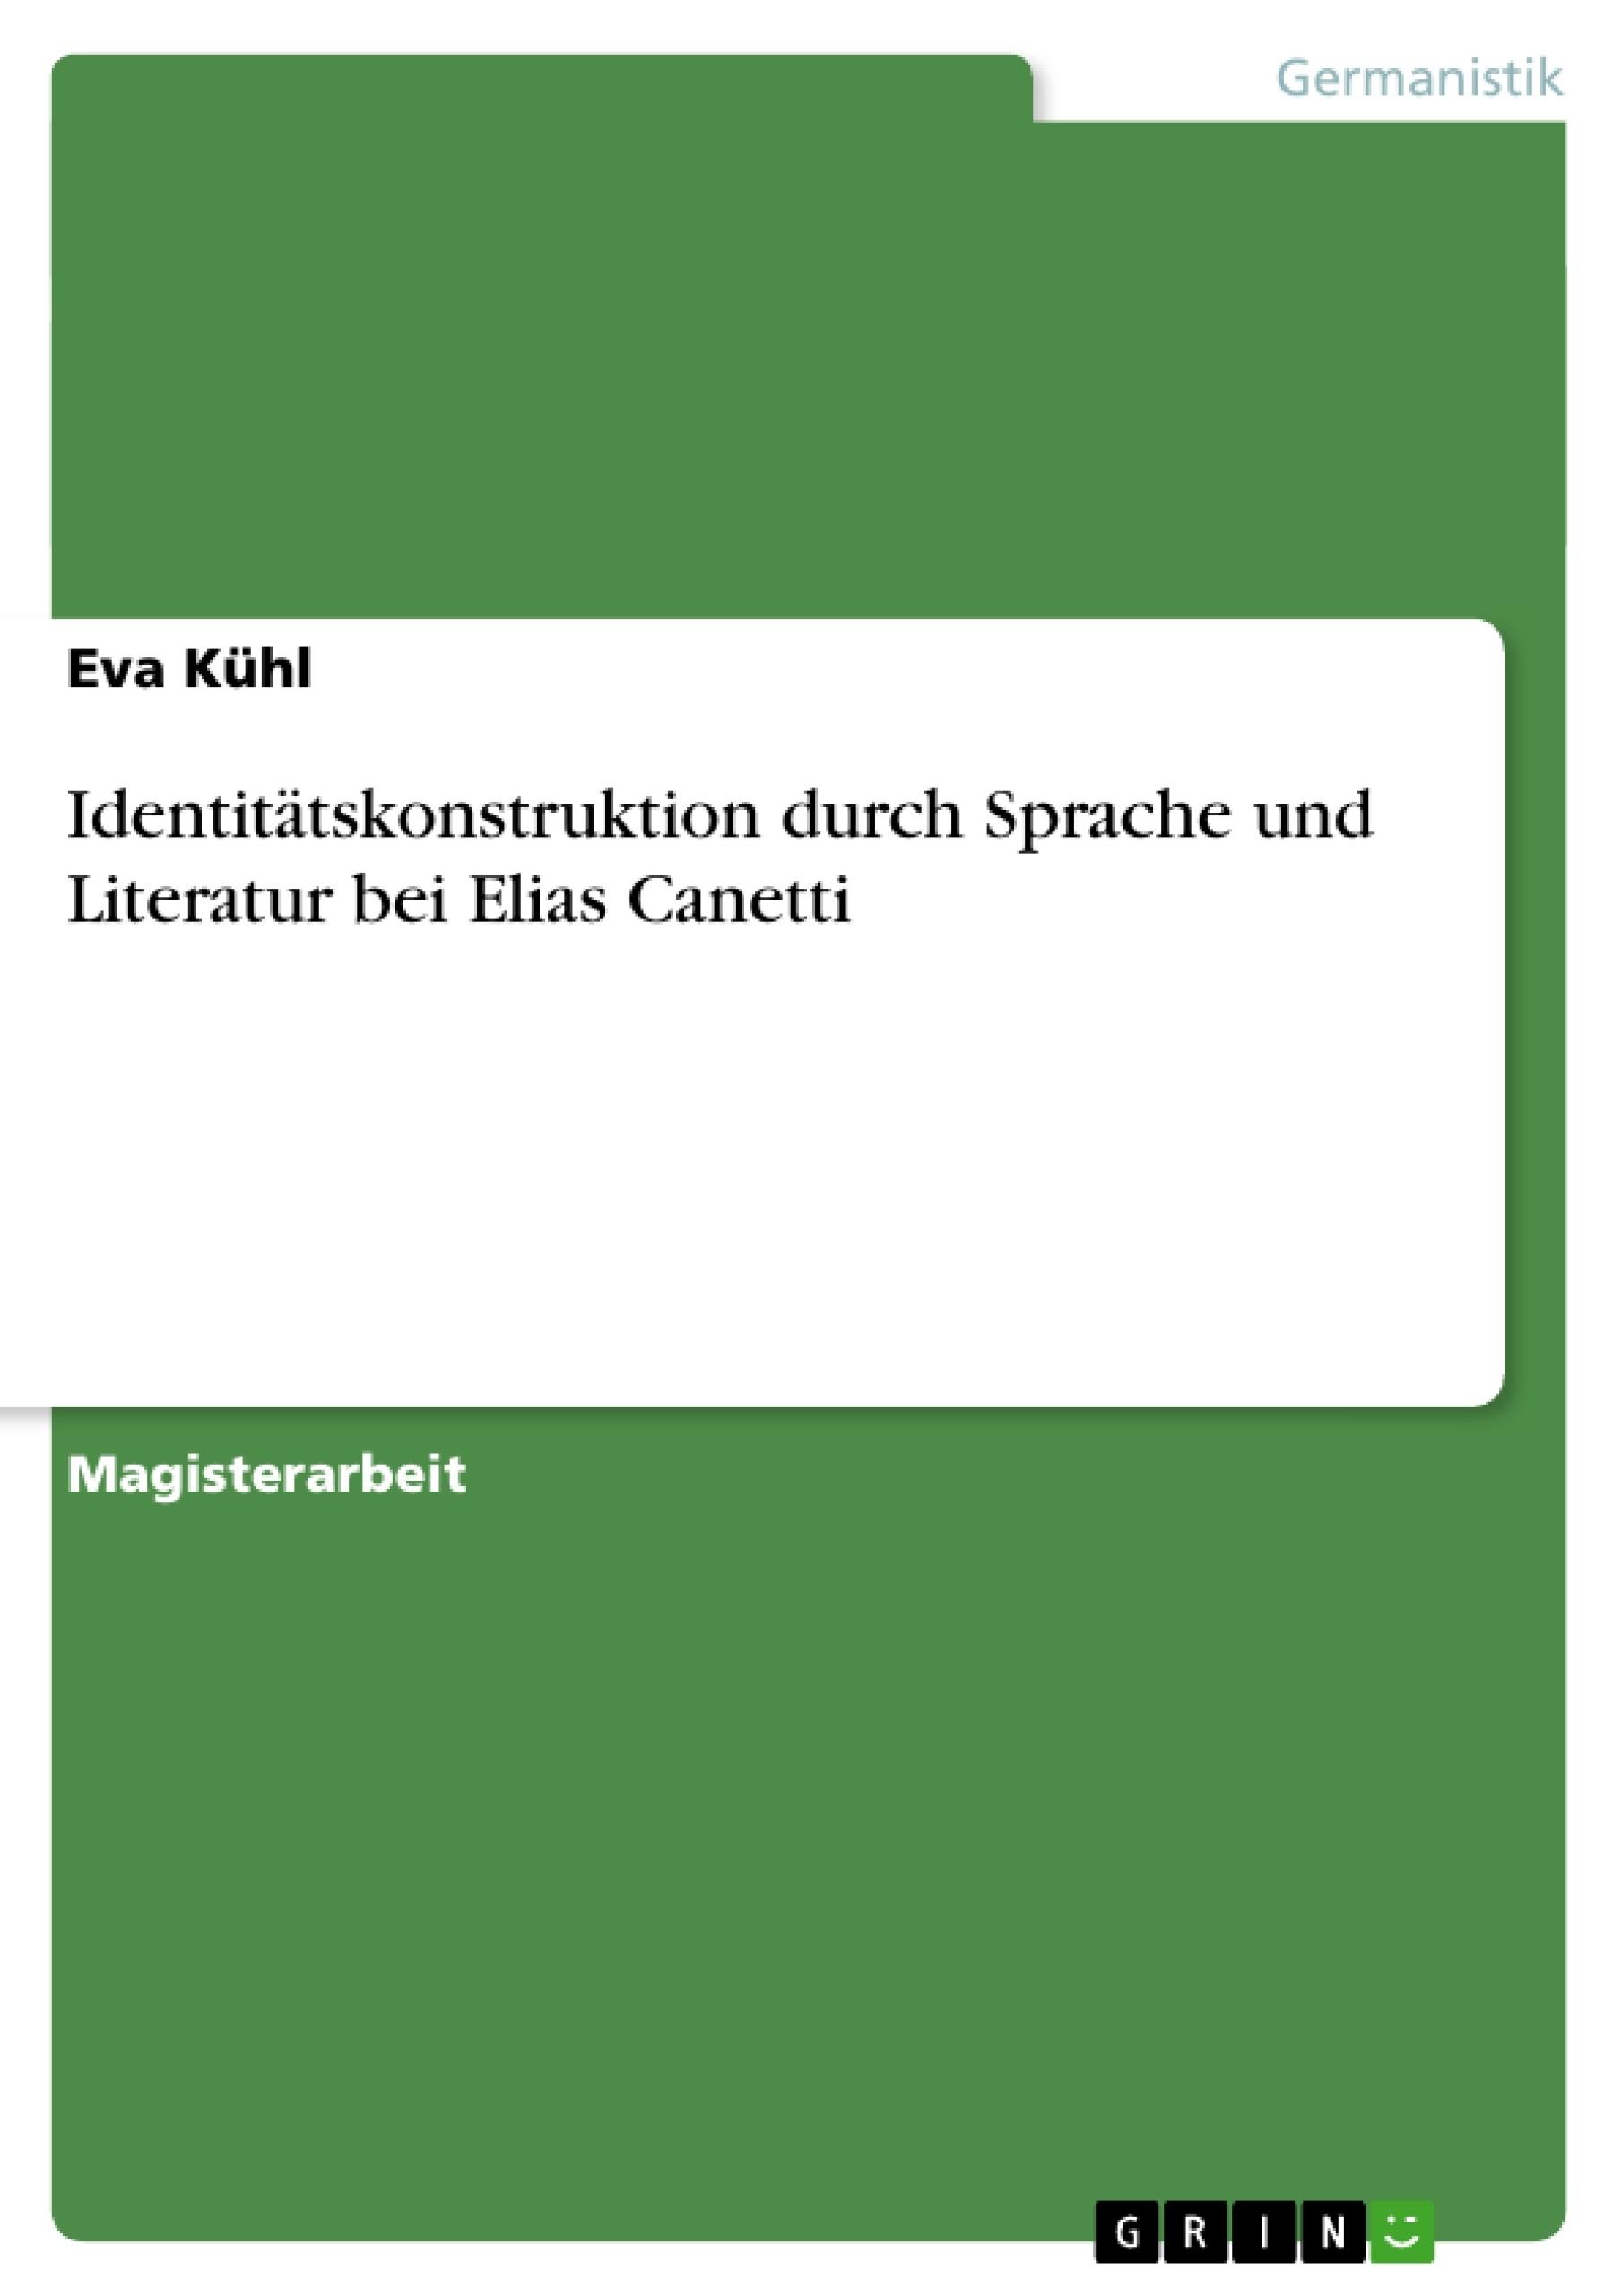 Titel: Identitätskonstruktion durch Sprache und Literatur bei Elias Canetti